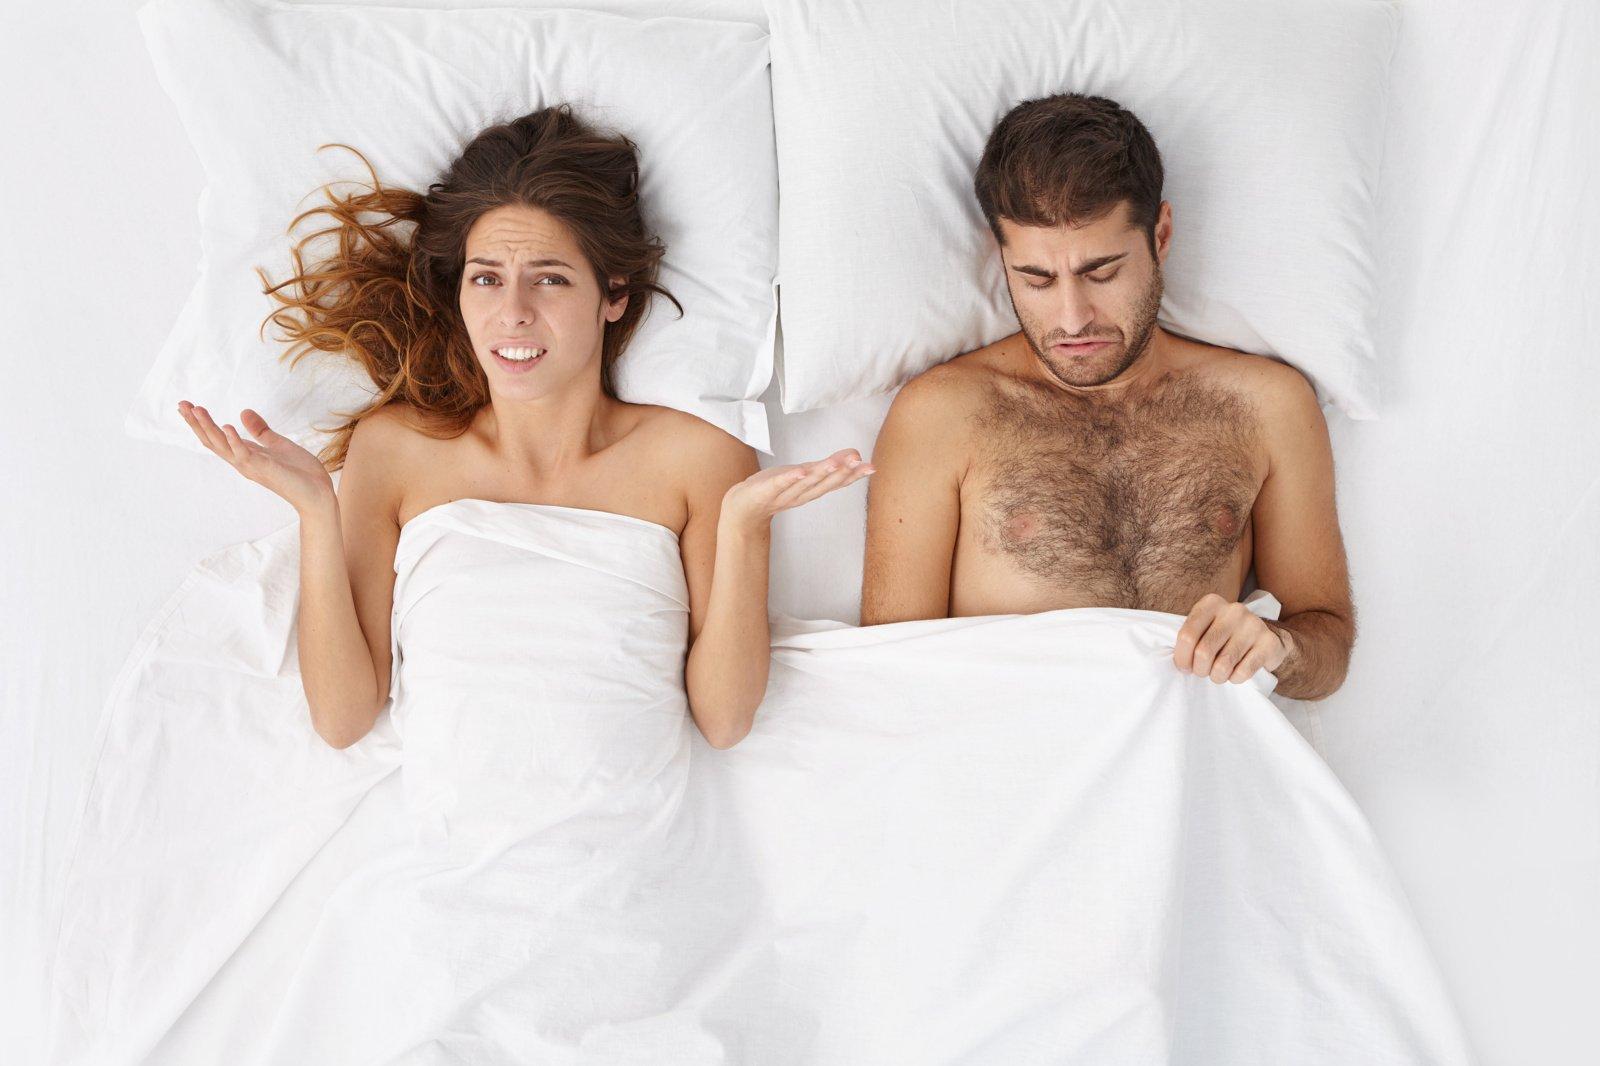 Mokslininkai teigia, kad COVID-19 vyrams gali sukelti erekcijos problemų